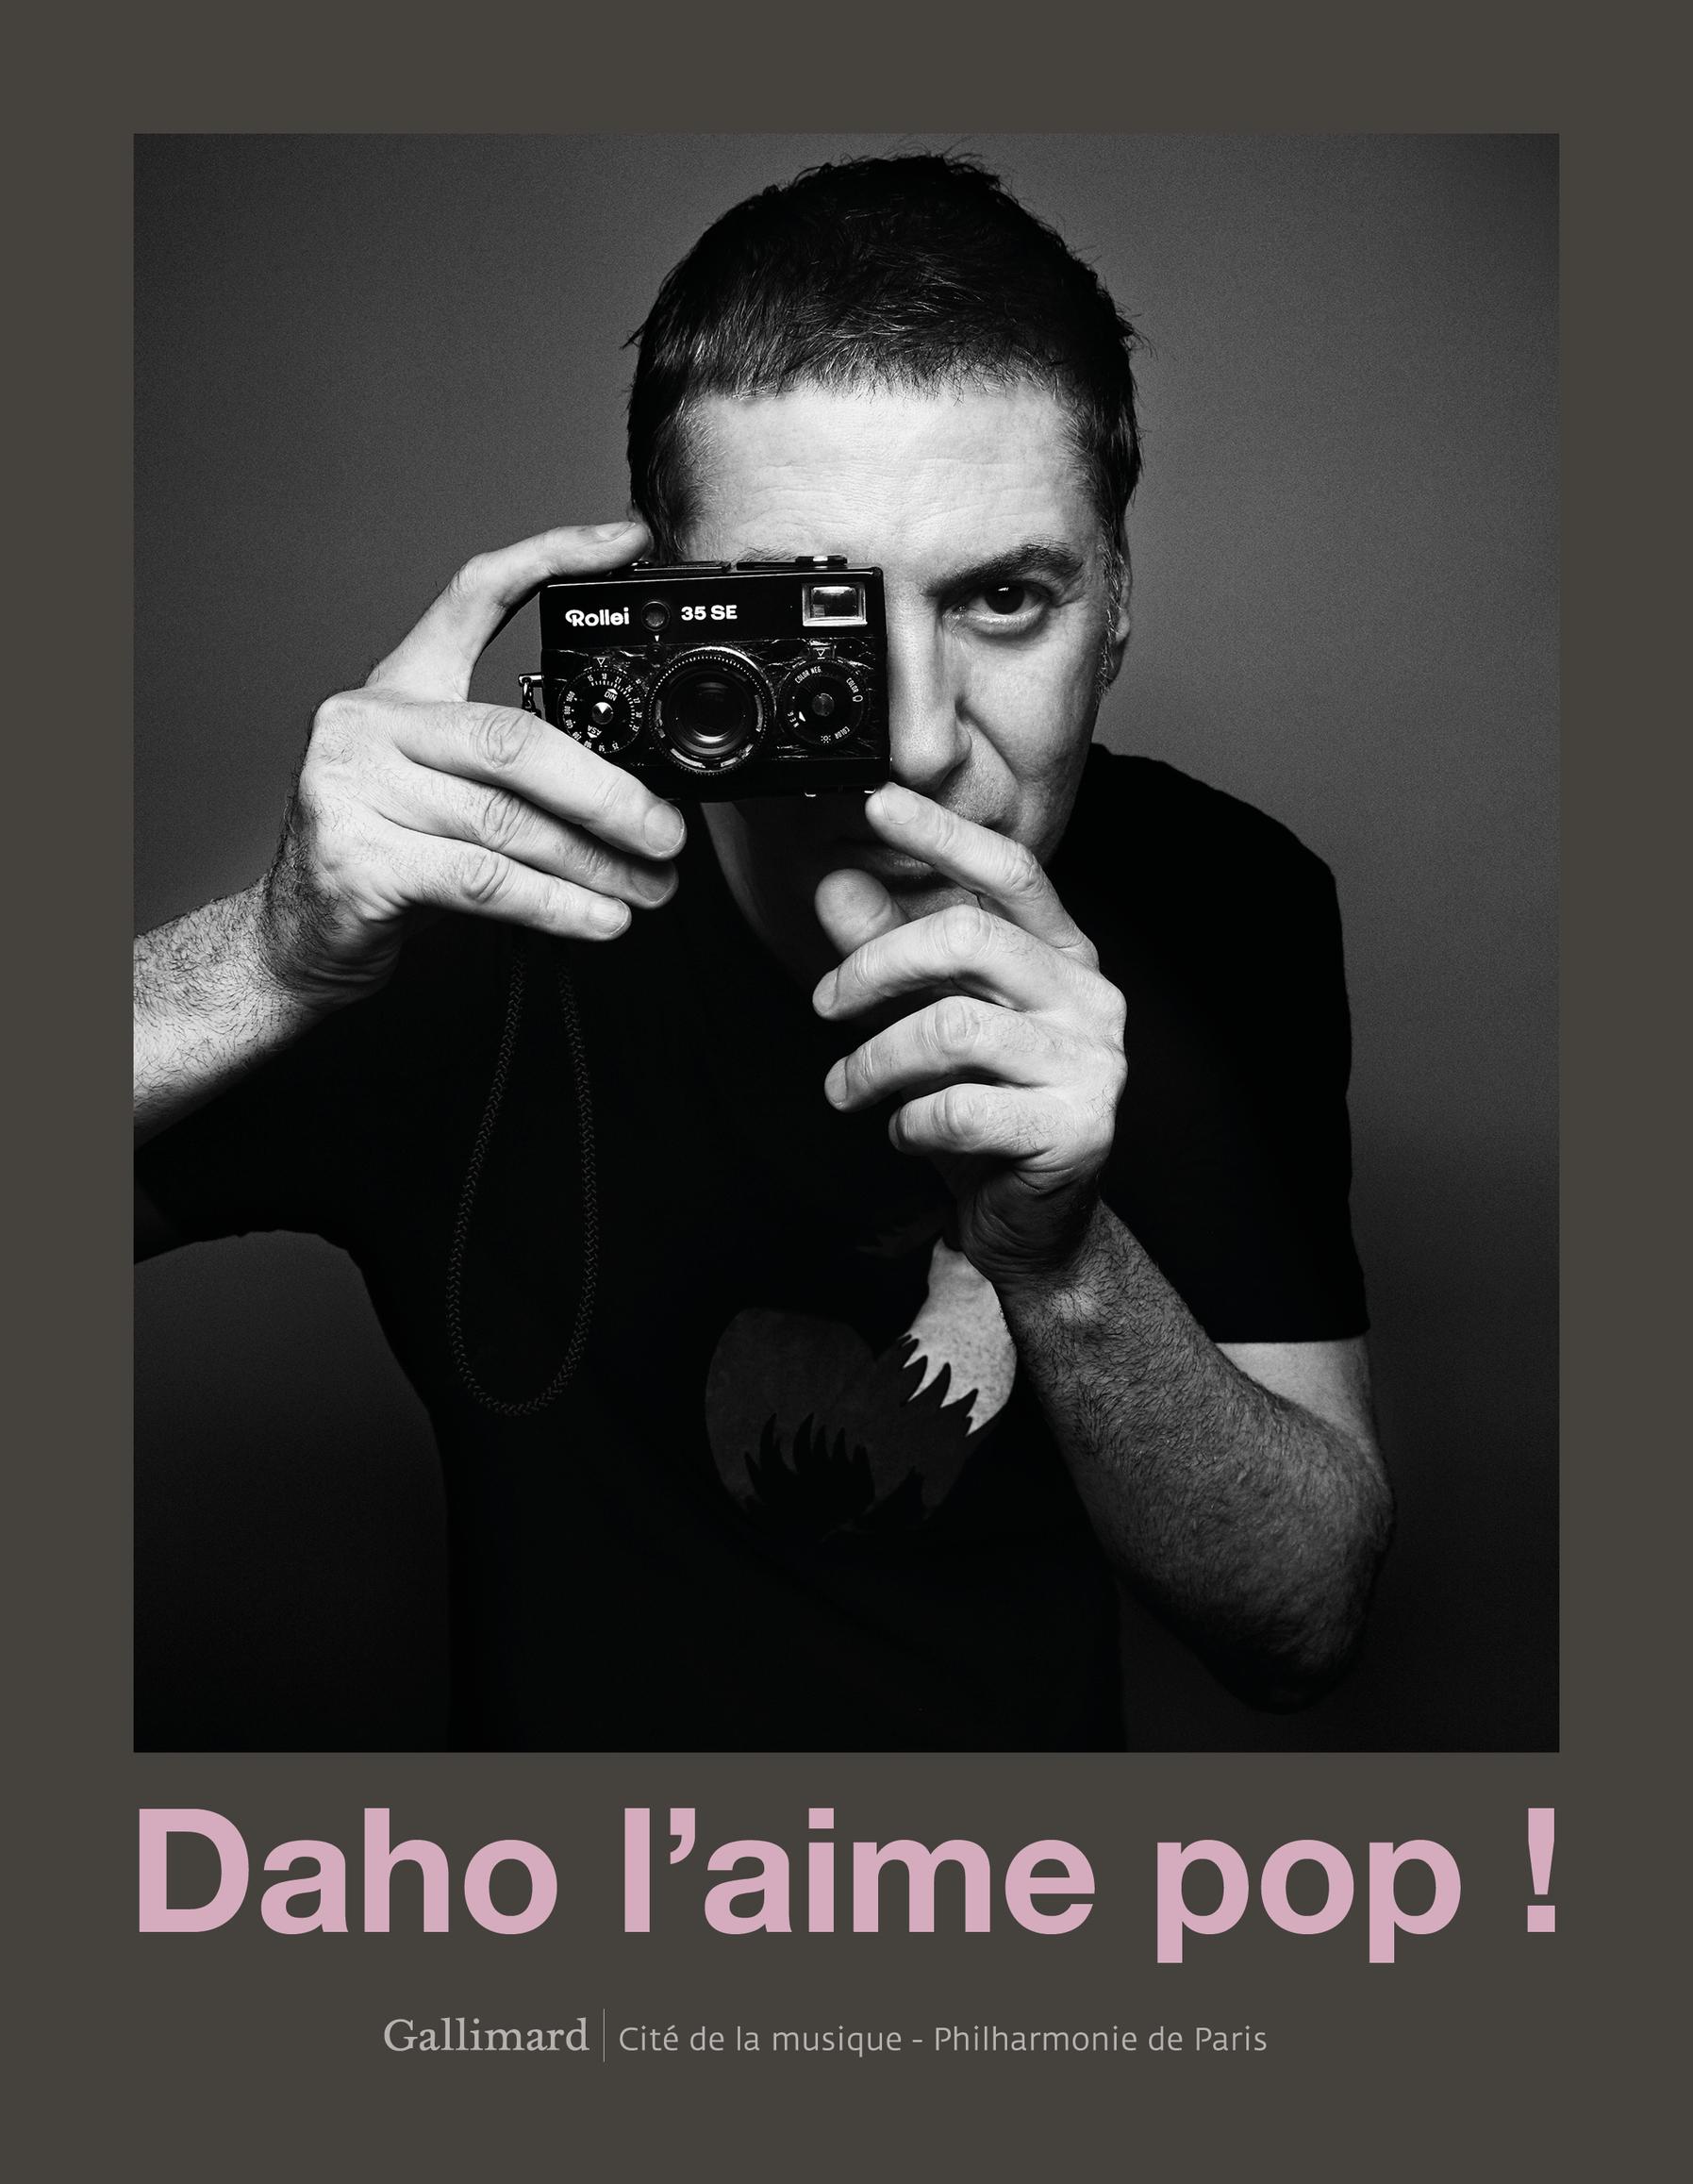 DAHO L'AIME POP